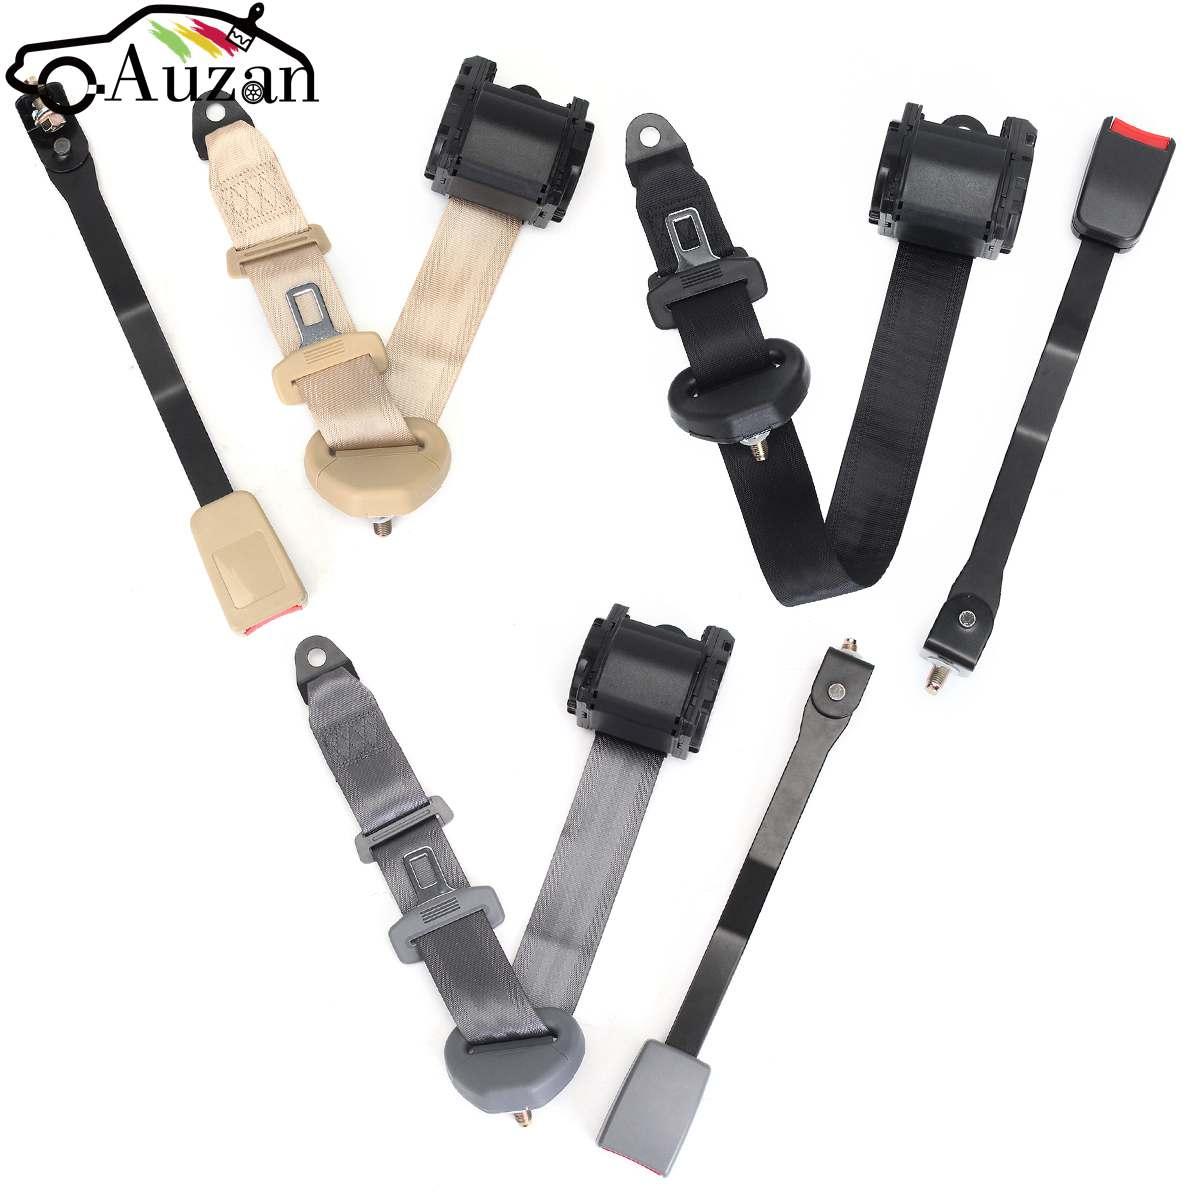 1 Set Universal Car Seat Belts Safety Belt Extender Extension Buckle Adujstable Shoulder Seatbelt Fits Most Car Bus Truck